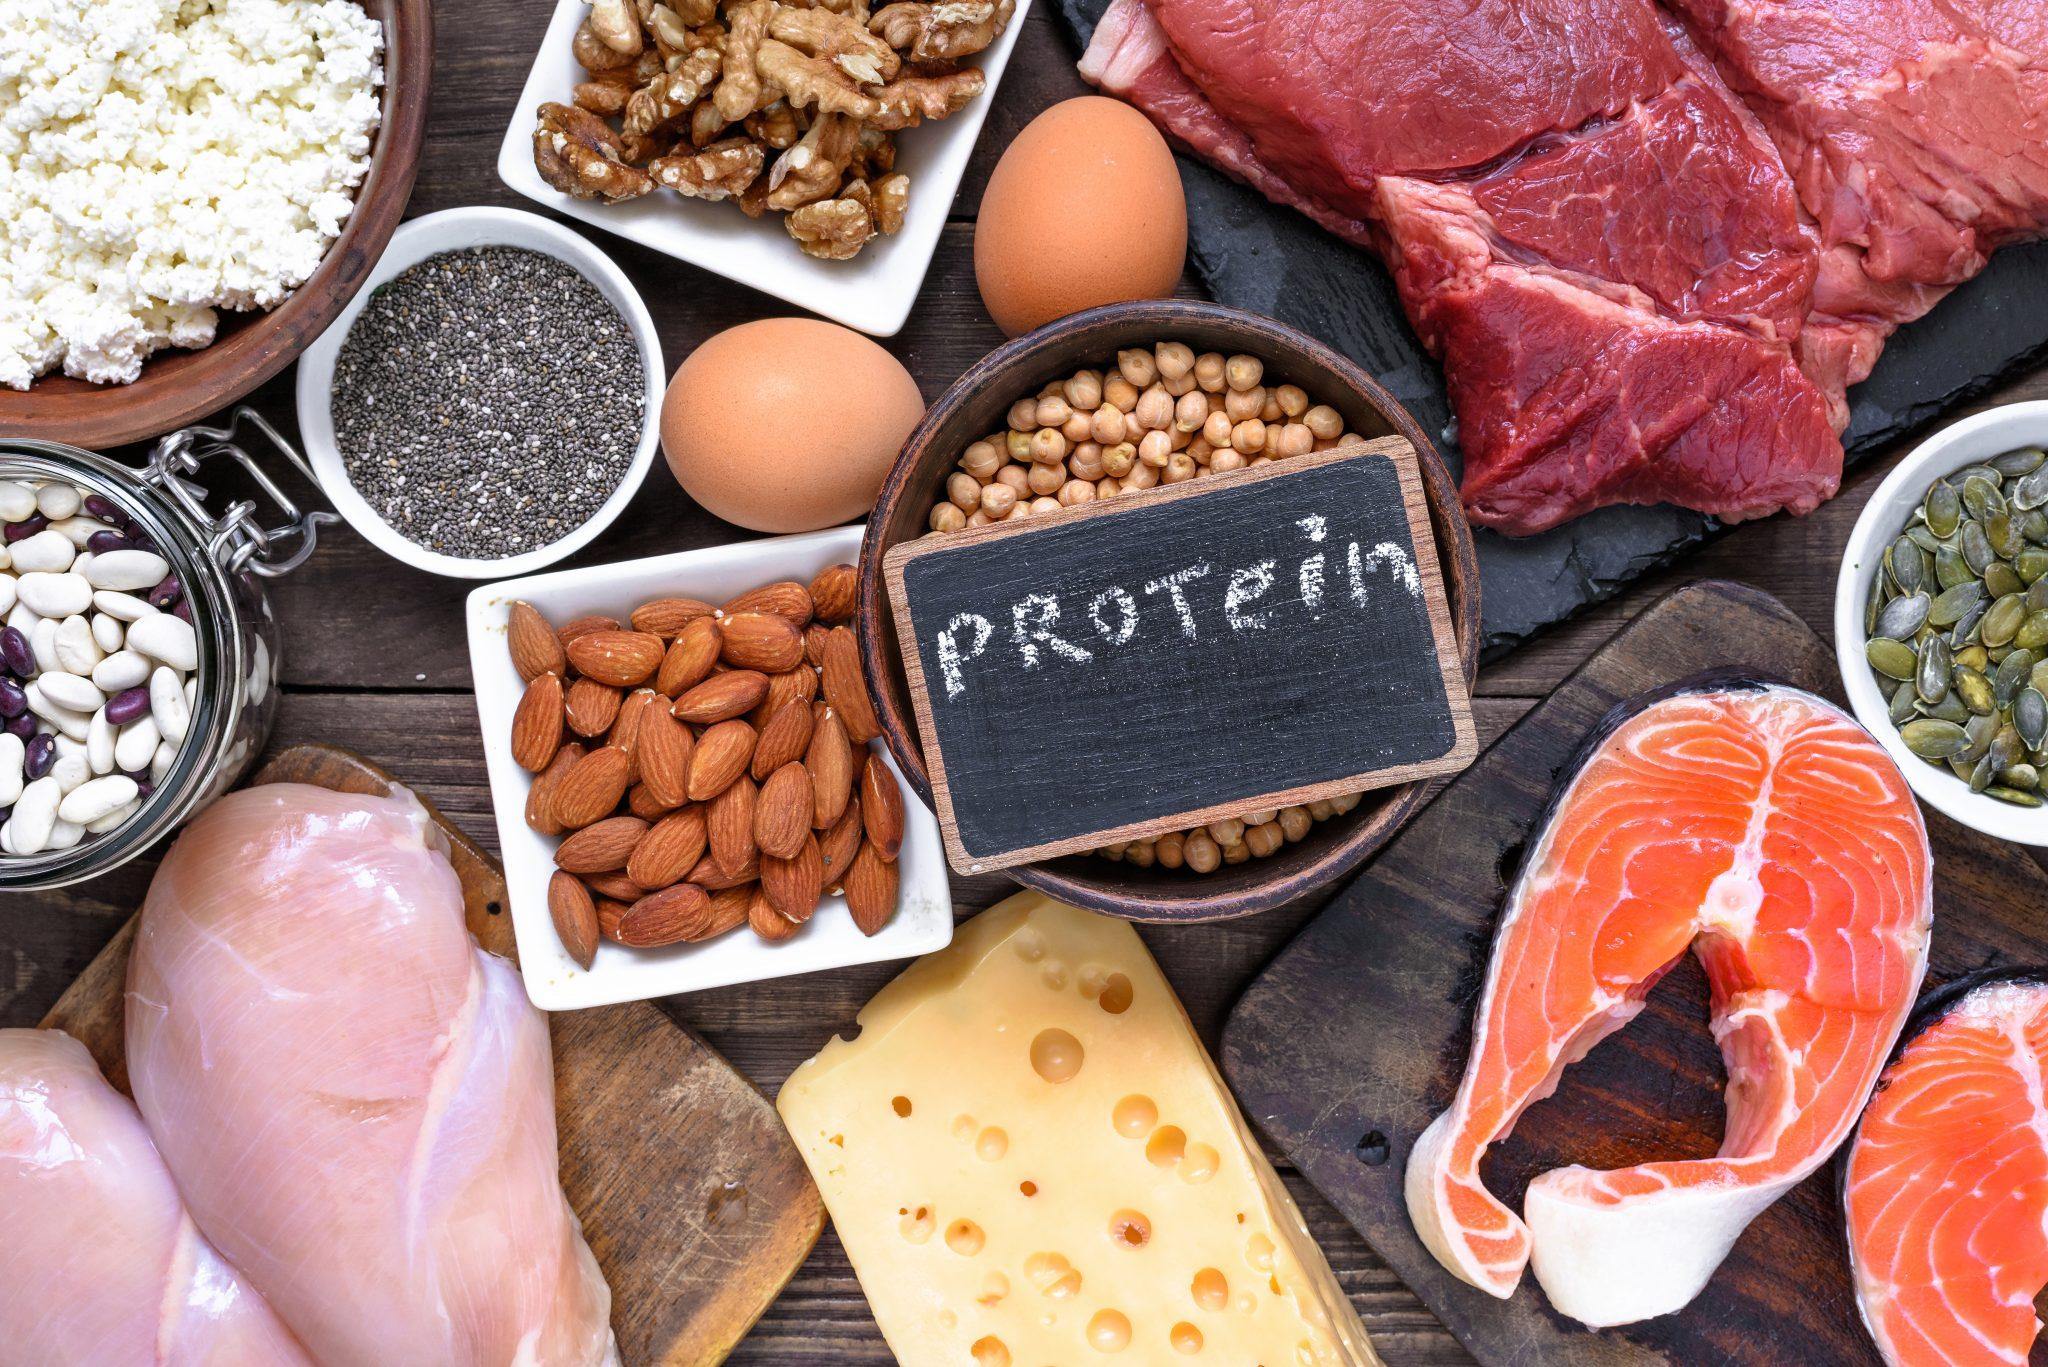 Auswahl an proteinreichen Lebensmitteln zum Beispiel Fleisch, Käse, Eier